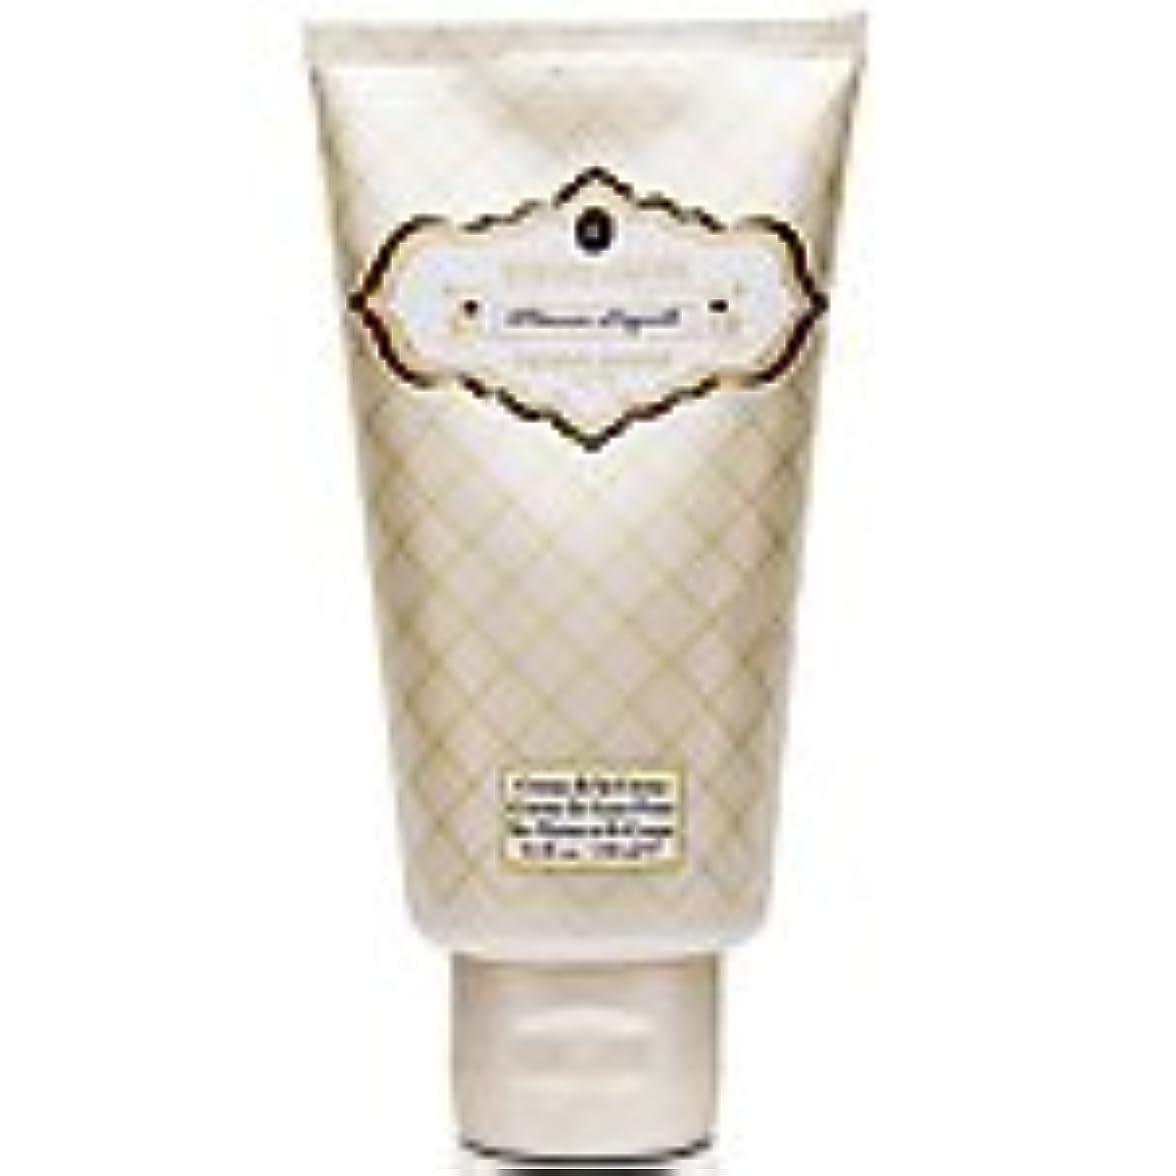 発表距離エレクトロニックMemoire Liquide Reserve - Fleur Liquide (メモワールリキッドリザーブ - フルーアーリキッド) 5.1 oz (153ml) Body Cream for Unisex